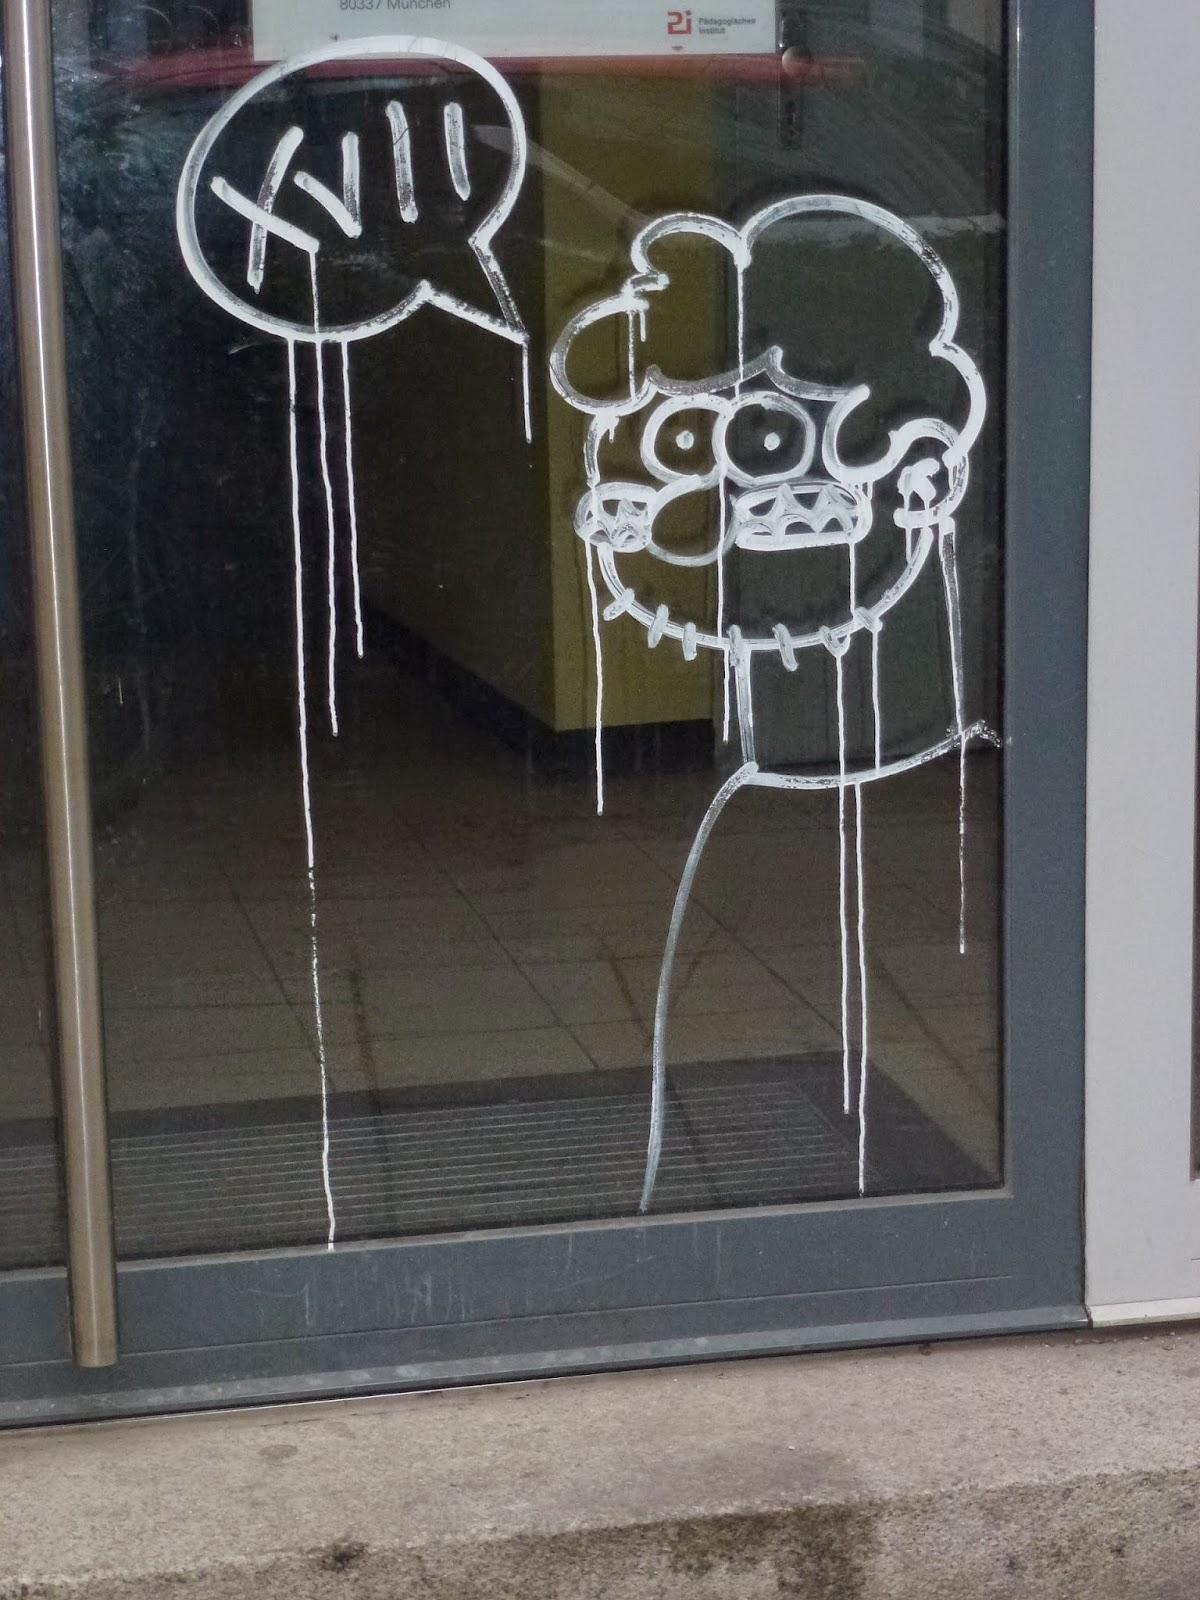 XVII - an Scheibe, Streetart, Graffiti